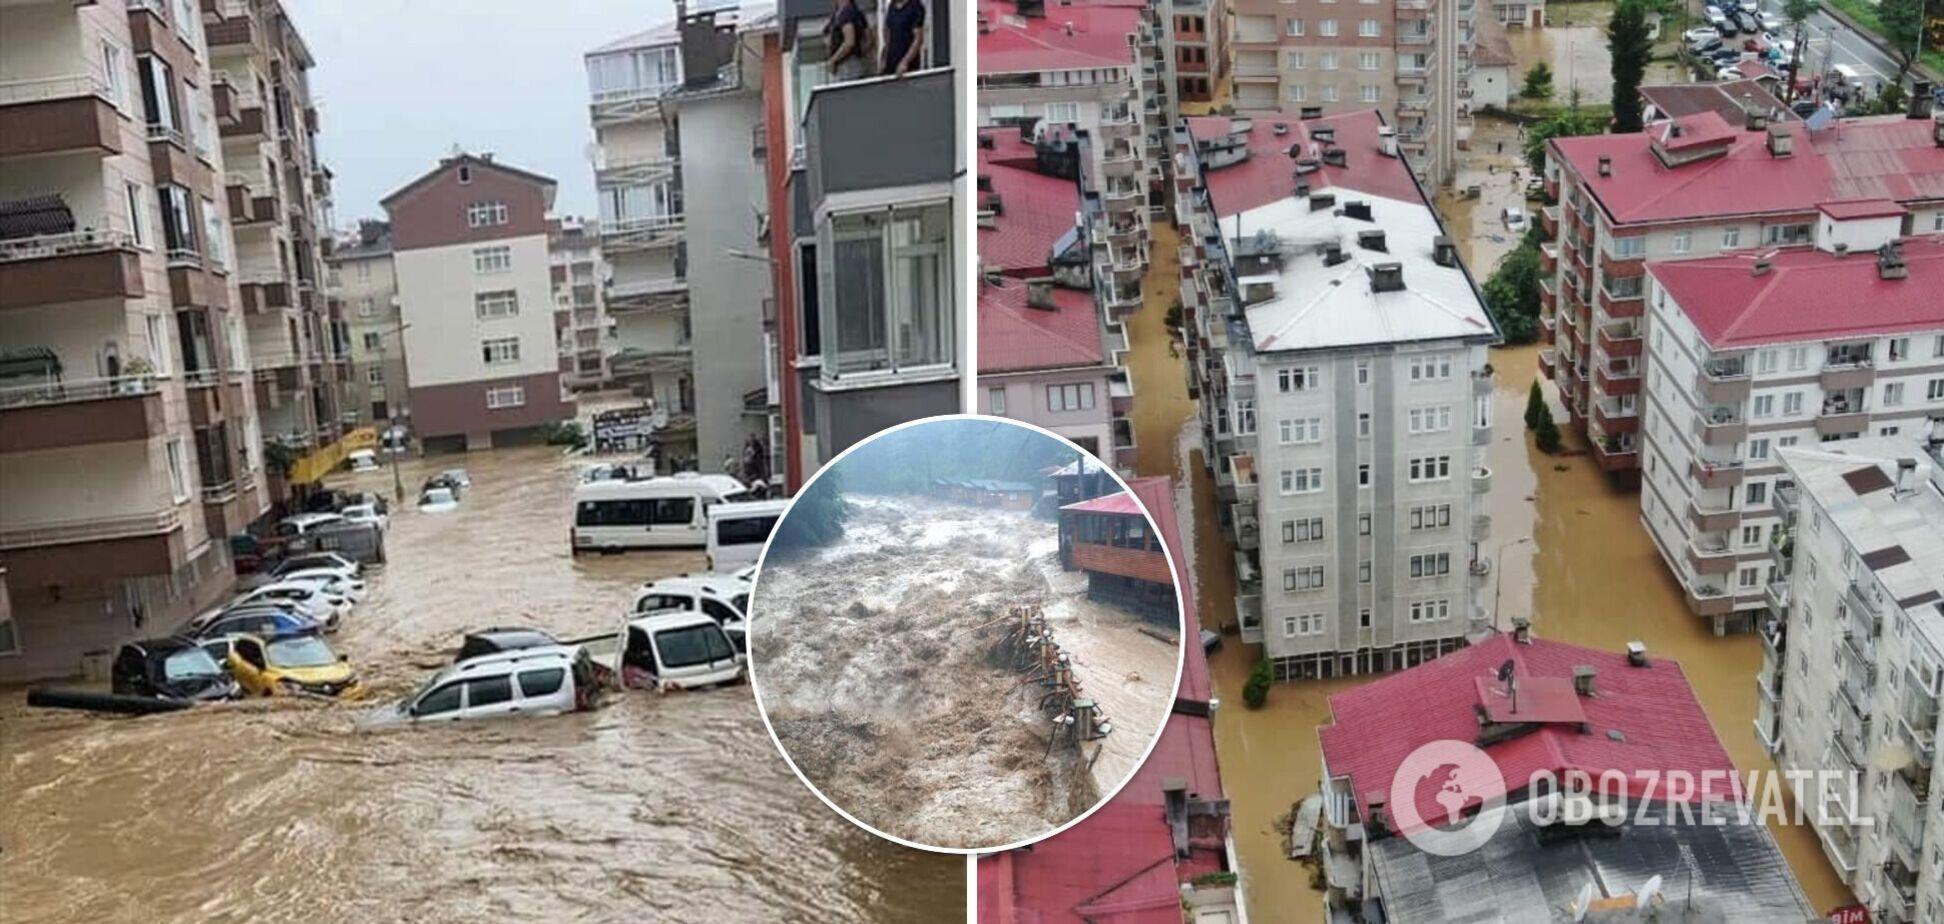 Безперервні зливи в Туреччині спричинили повінь на чорноморському узбережжі. Фото та відео